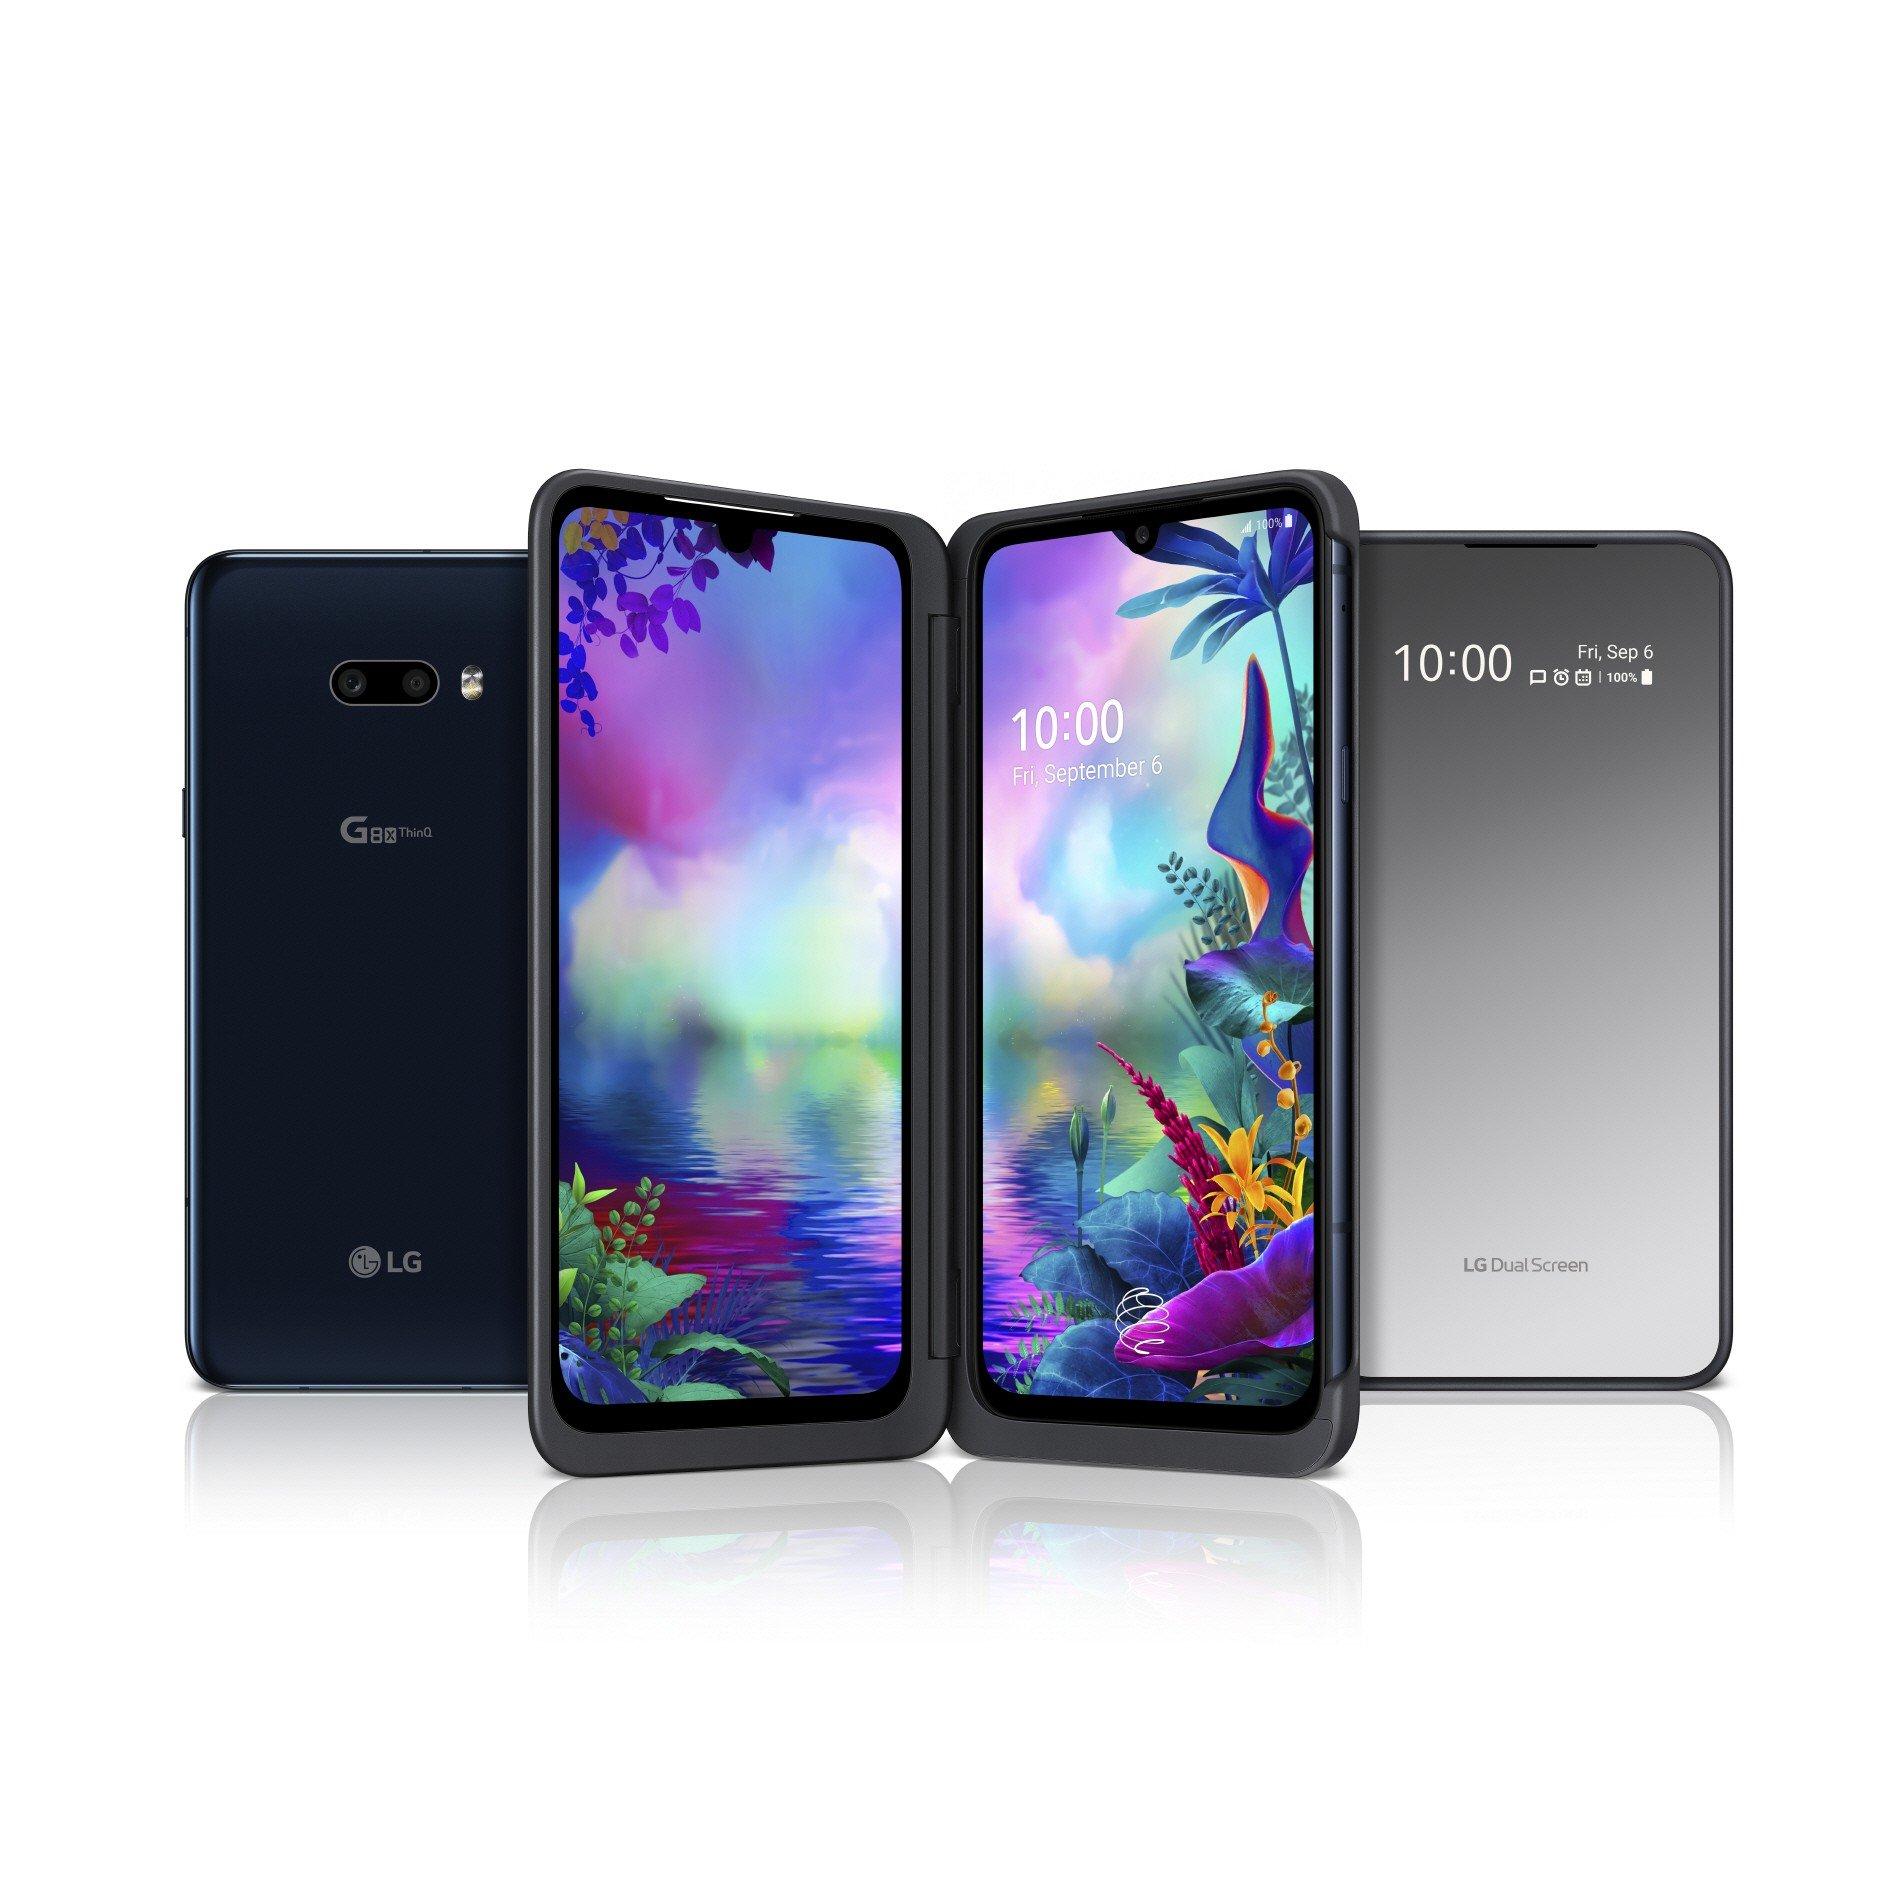 كيفية نقل الملفات من هاتفك القديم إلى هاتف LG الجديد فى دقائق !